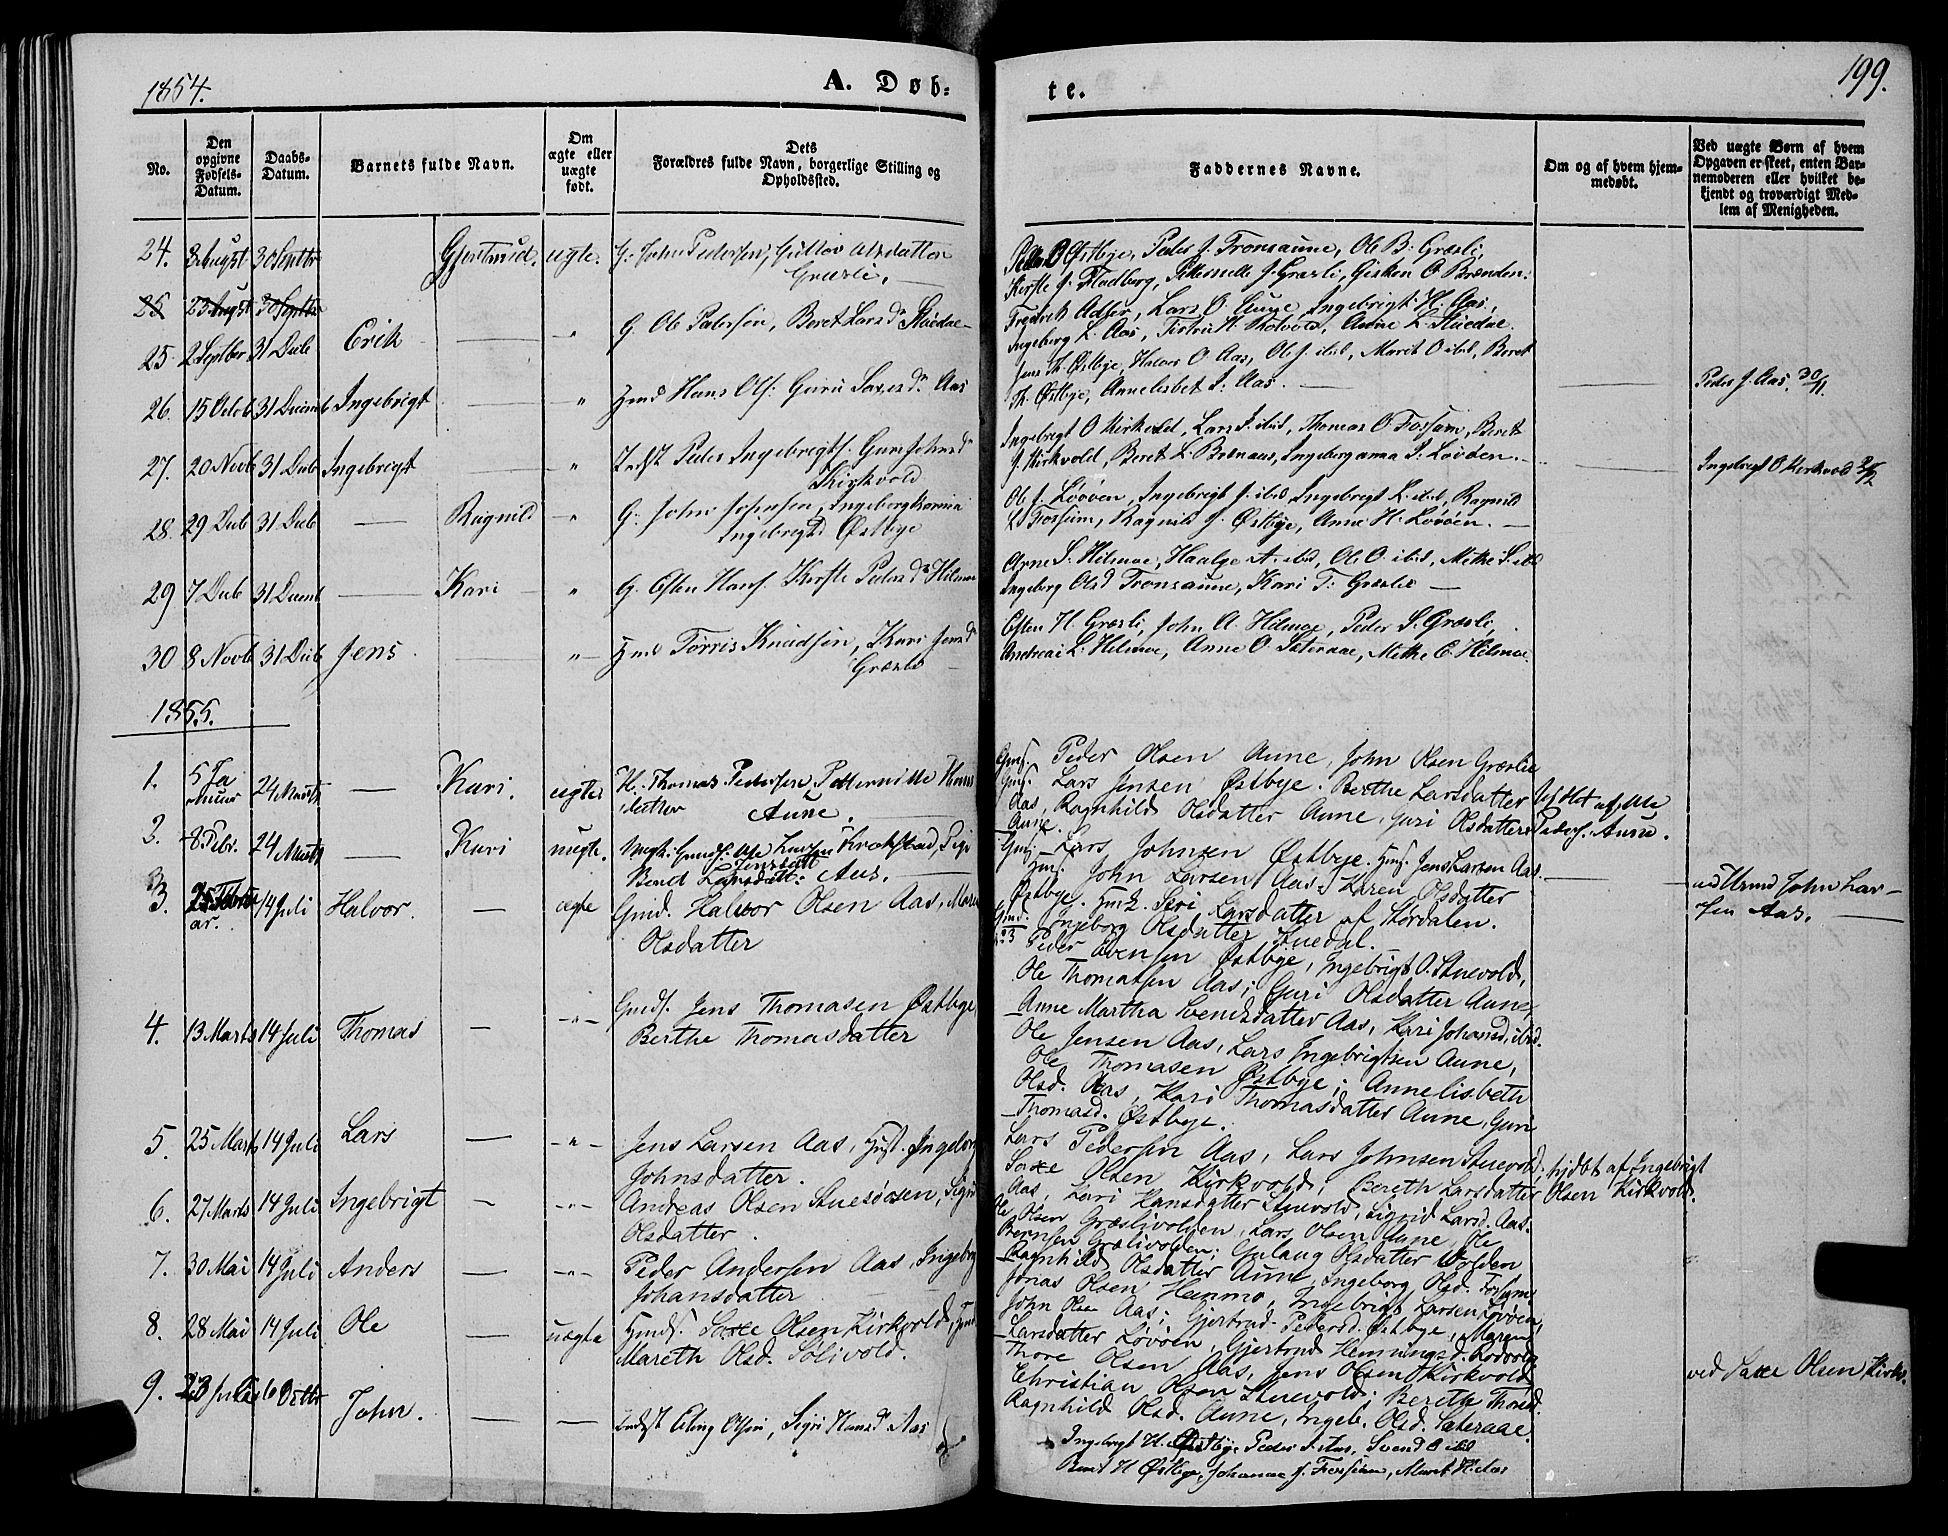 SAT, Ministerialprotokoller, klokkerbøker og fødselsregistre - Sør-Trøndelag, 695/L1146: Ministerialbok nr. 695A06 /2, 1843-1859, s. 199